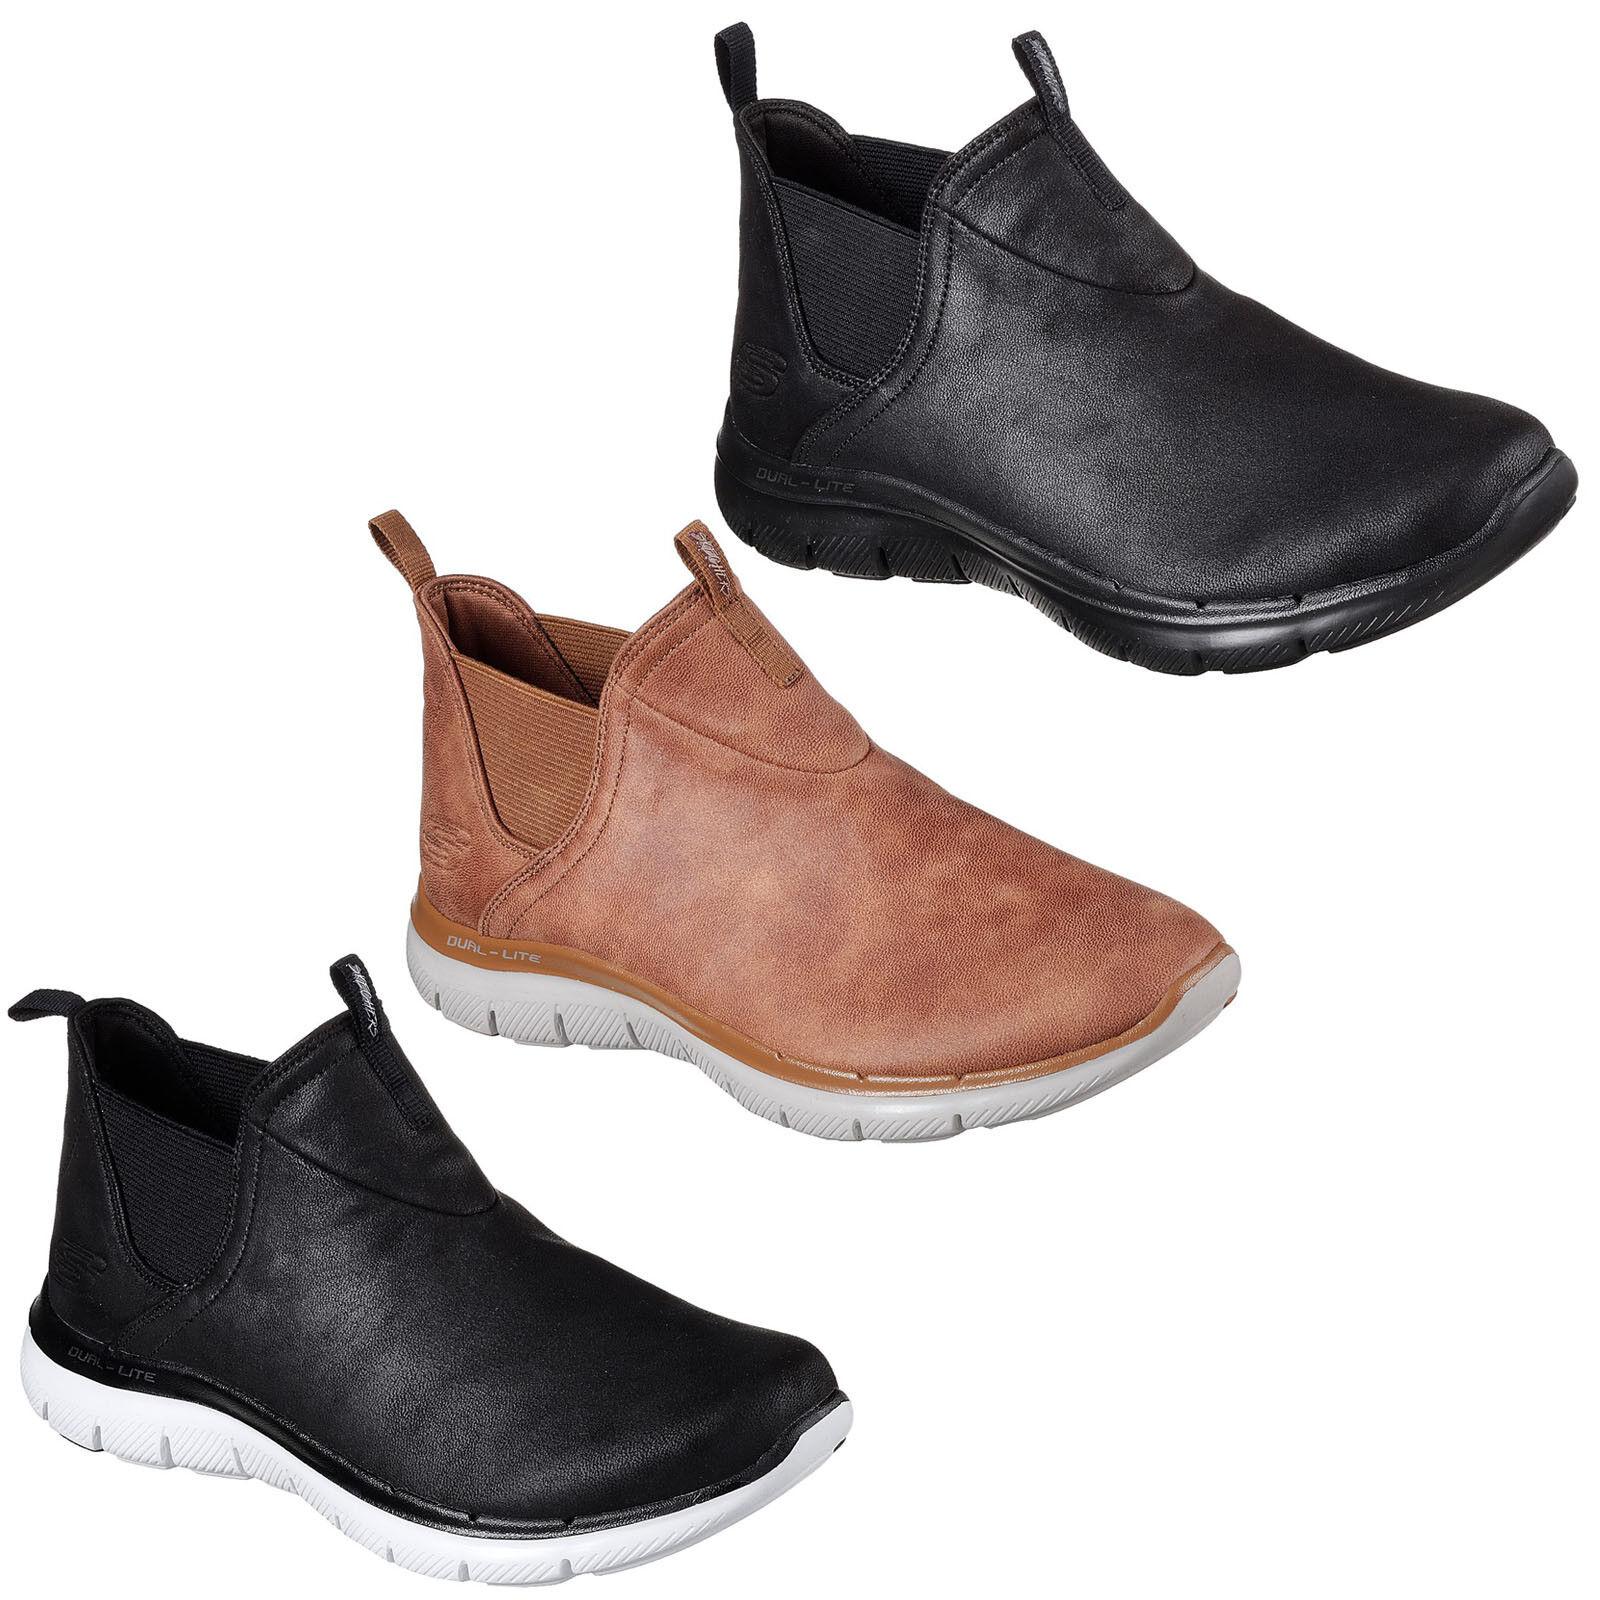 Skechers Flex Appeal 2.0 Done Deal Ankle Boots Womens Memory Foam Winter shoes